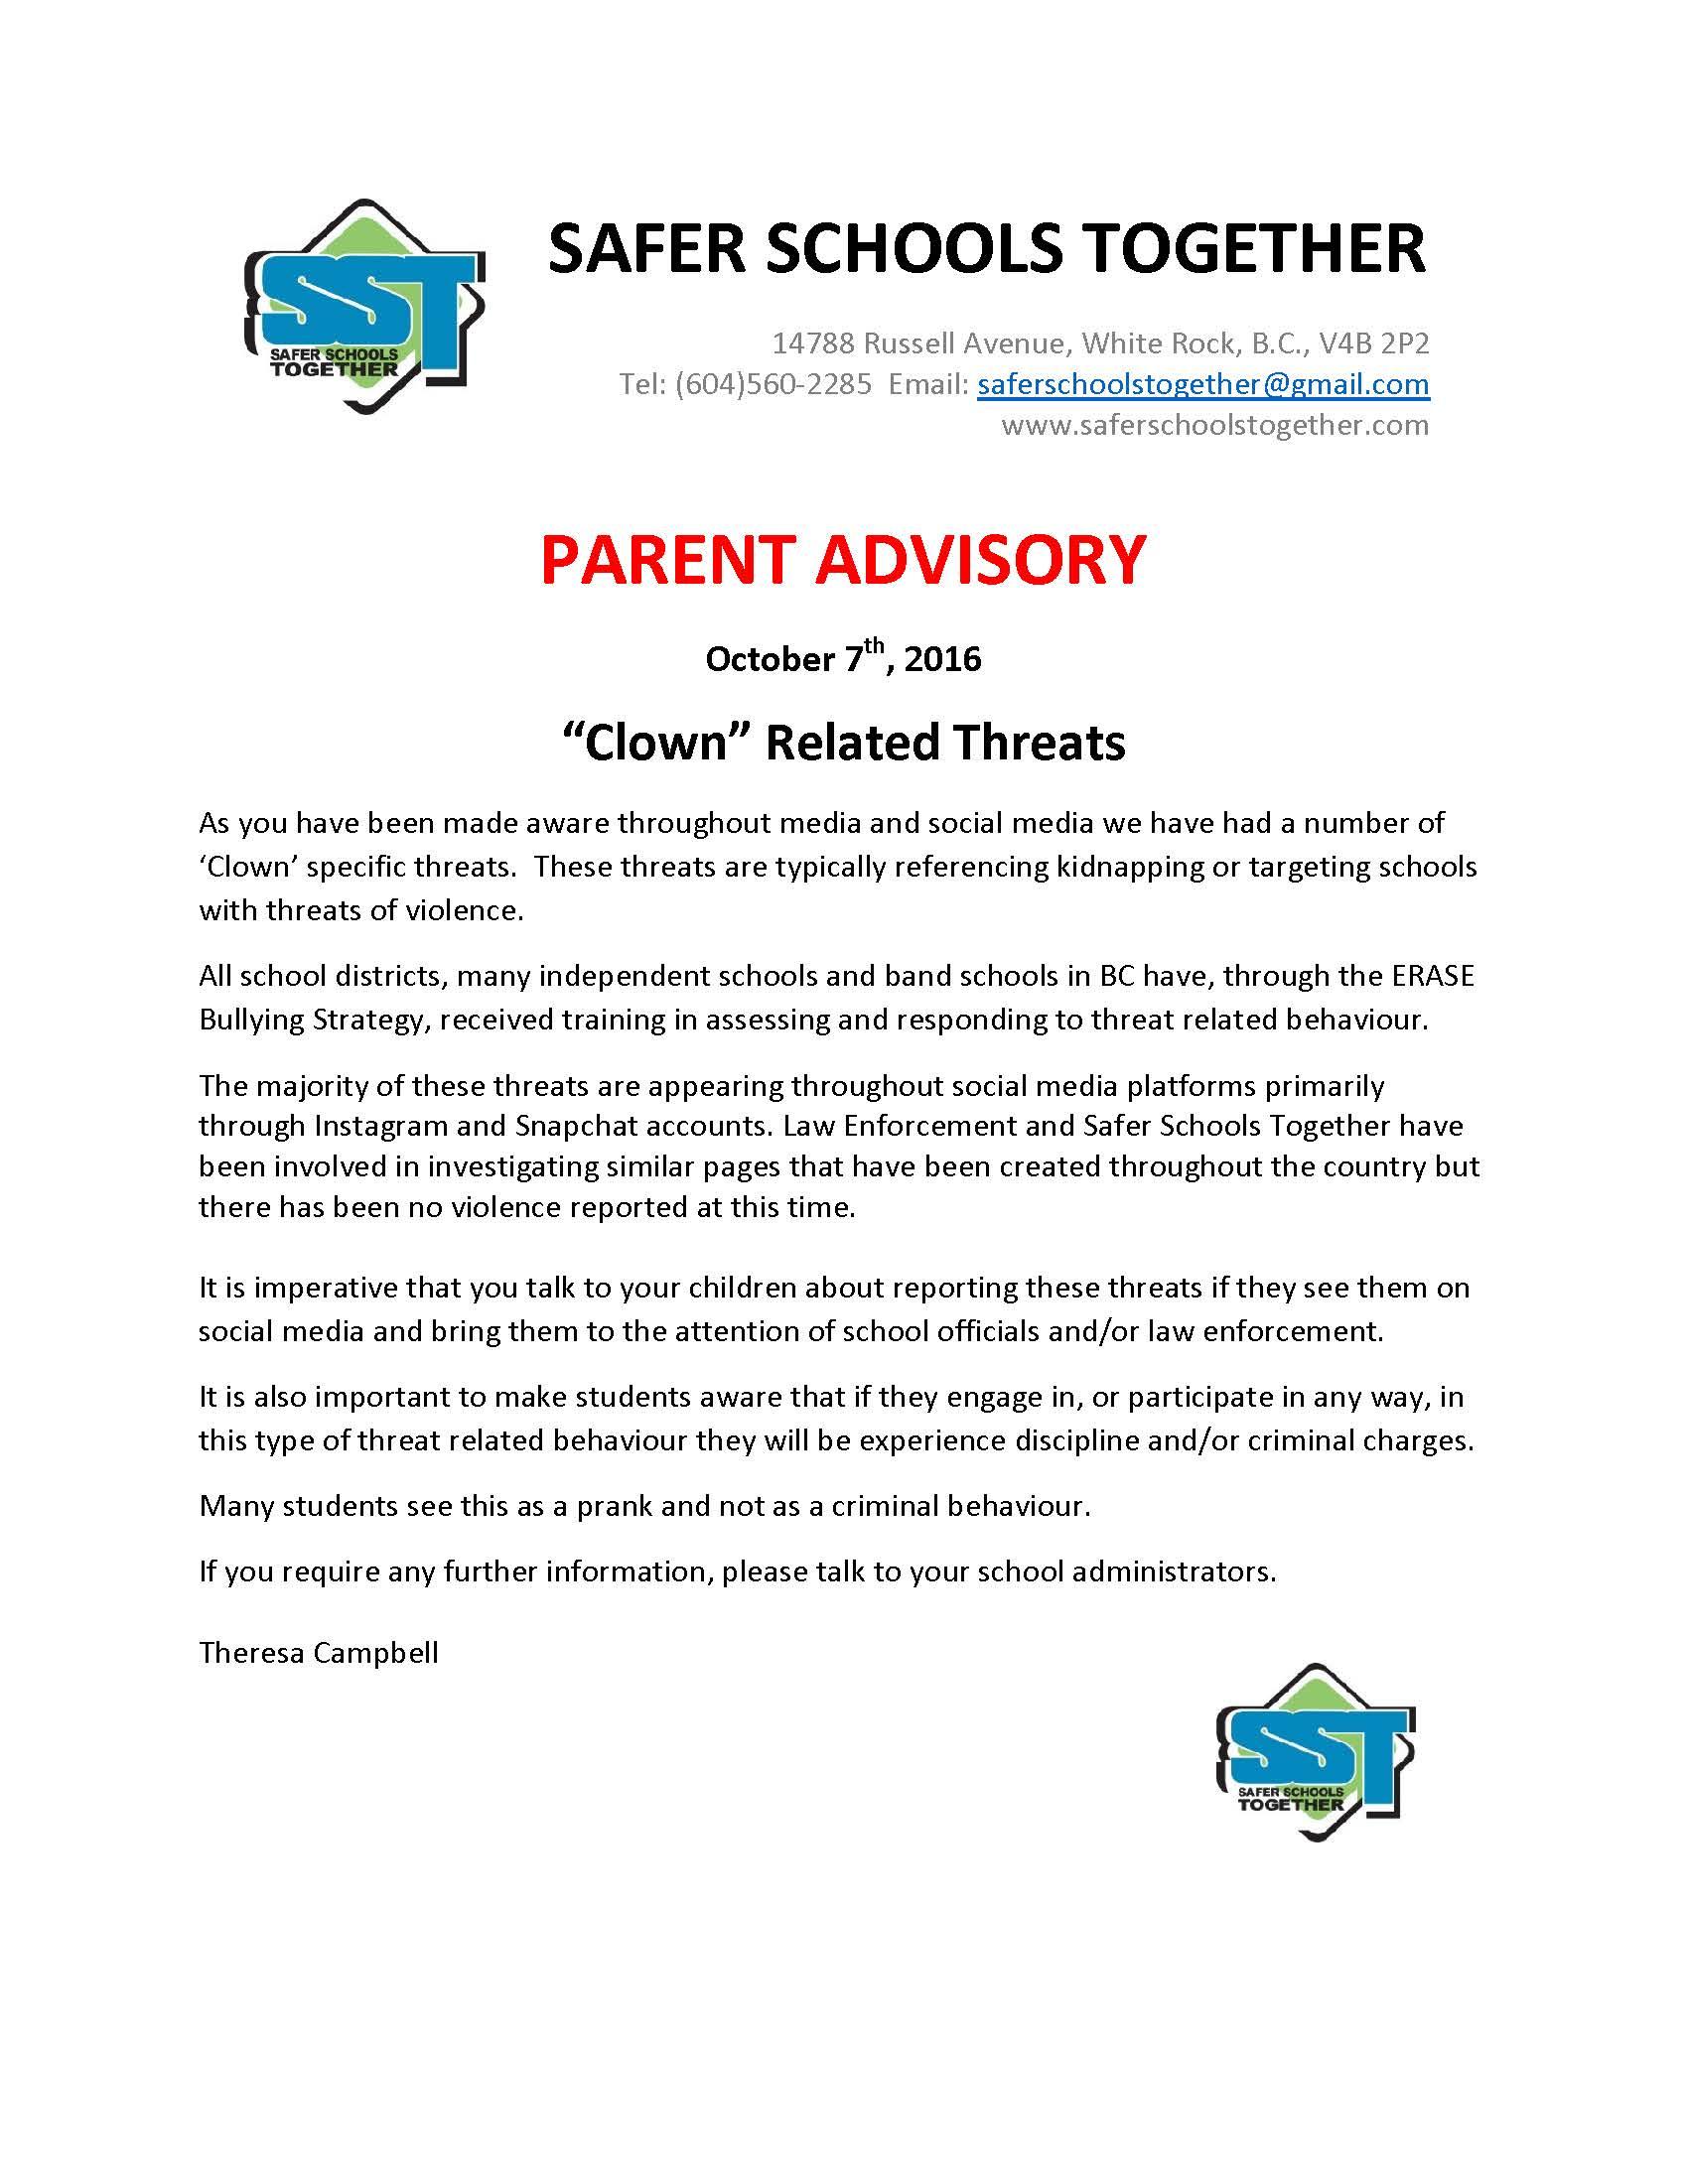 parent-advisory-clown-oct-2016-final